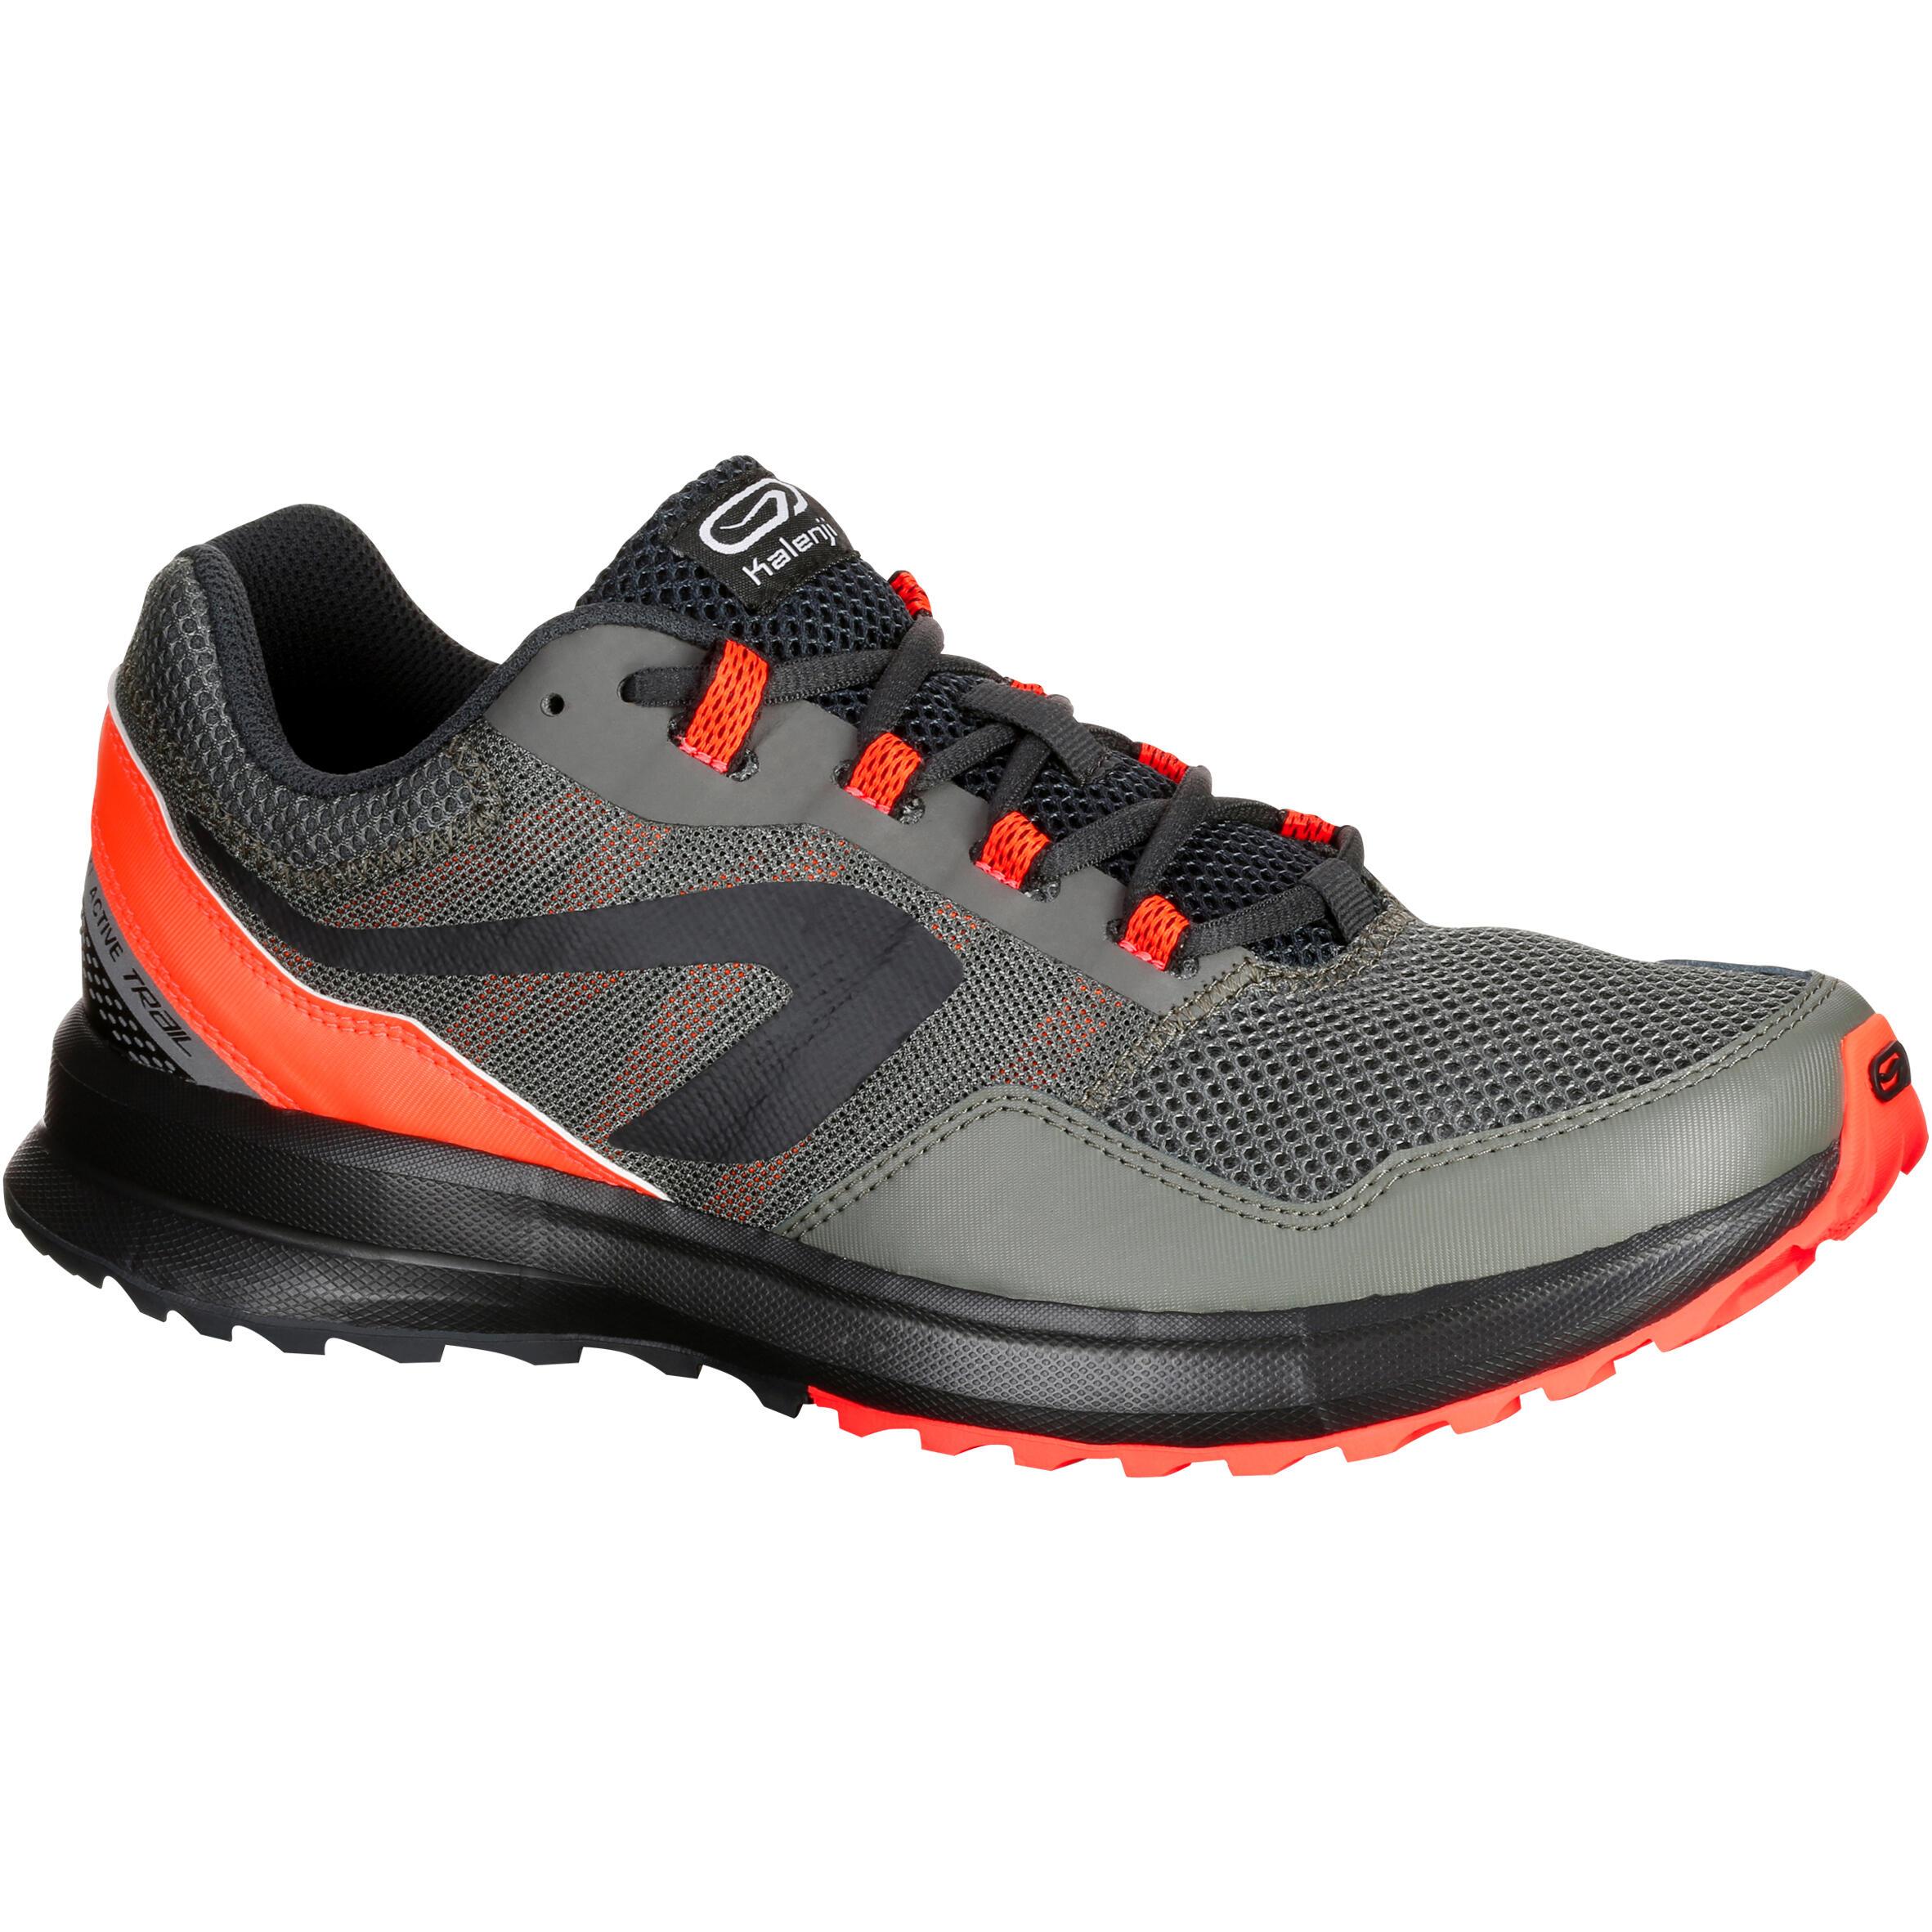 10fa0e9a77b Kalenji Hardloopschoenen voor heren Run Active Grip 2172889 Alles voor het  hardlopen Hardlopen